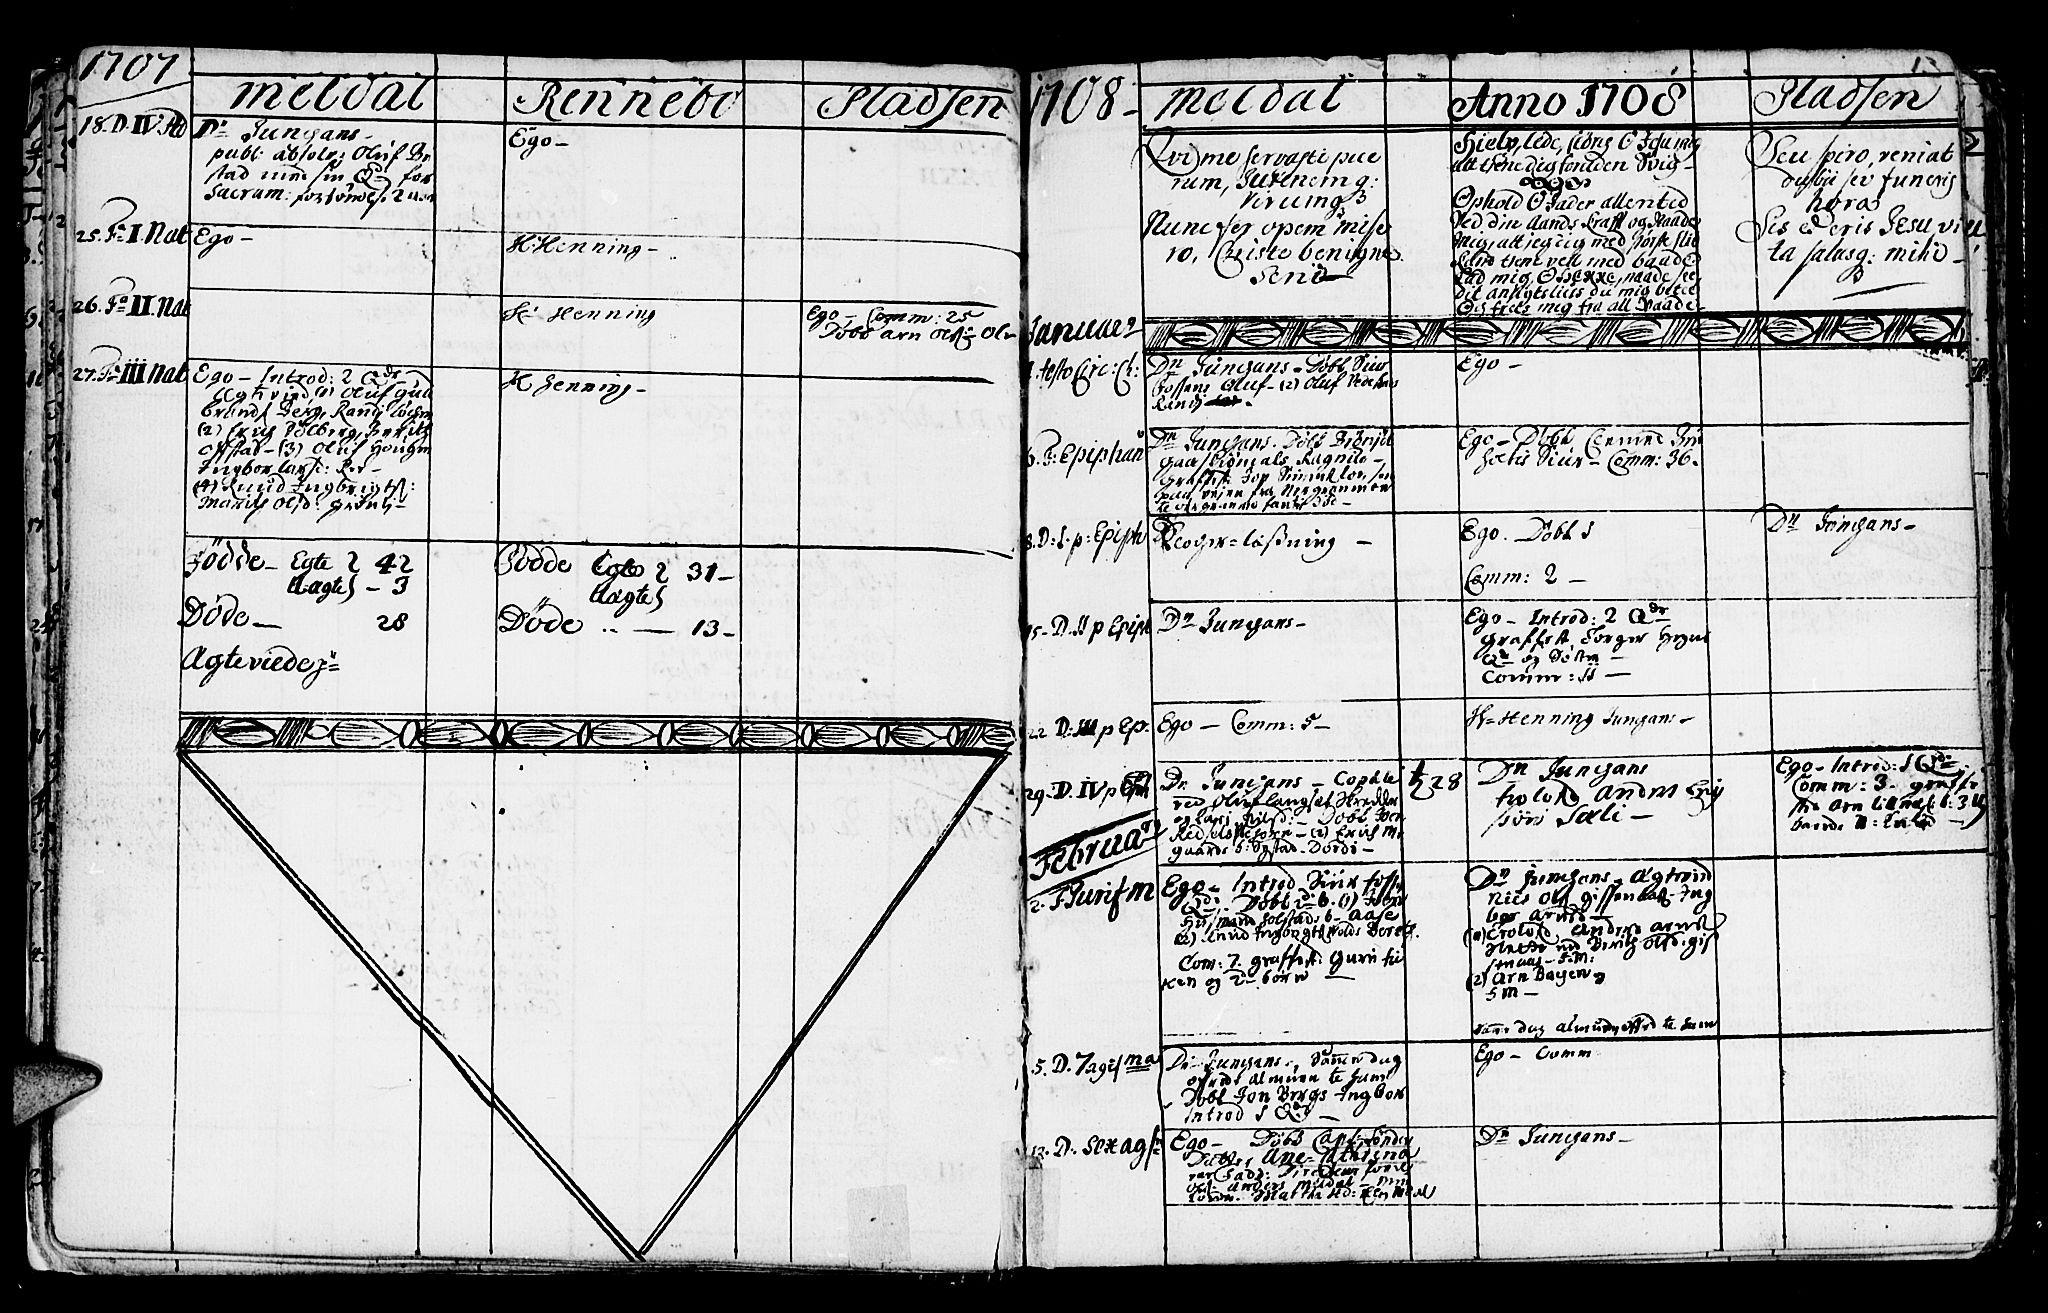 SAT, Ministerialprotokoller, klokkerbøker og fødselsregistre - Sør-Trøndelag, 672/L0849: Ministerialbok nr. 672A02, 1705-1725, s. 13